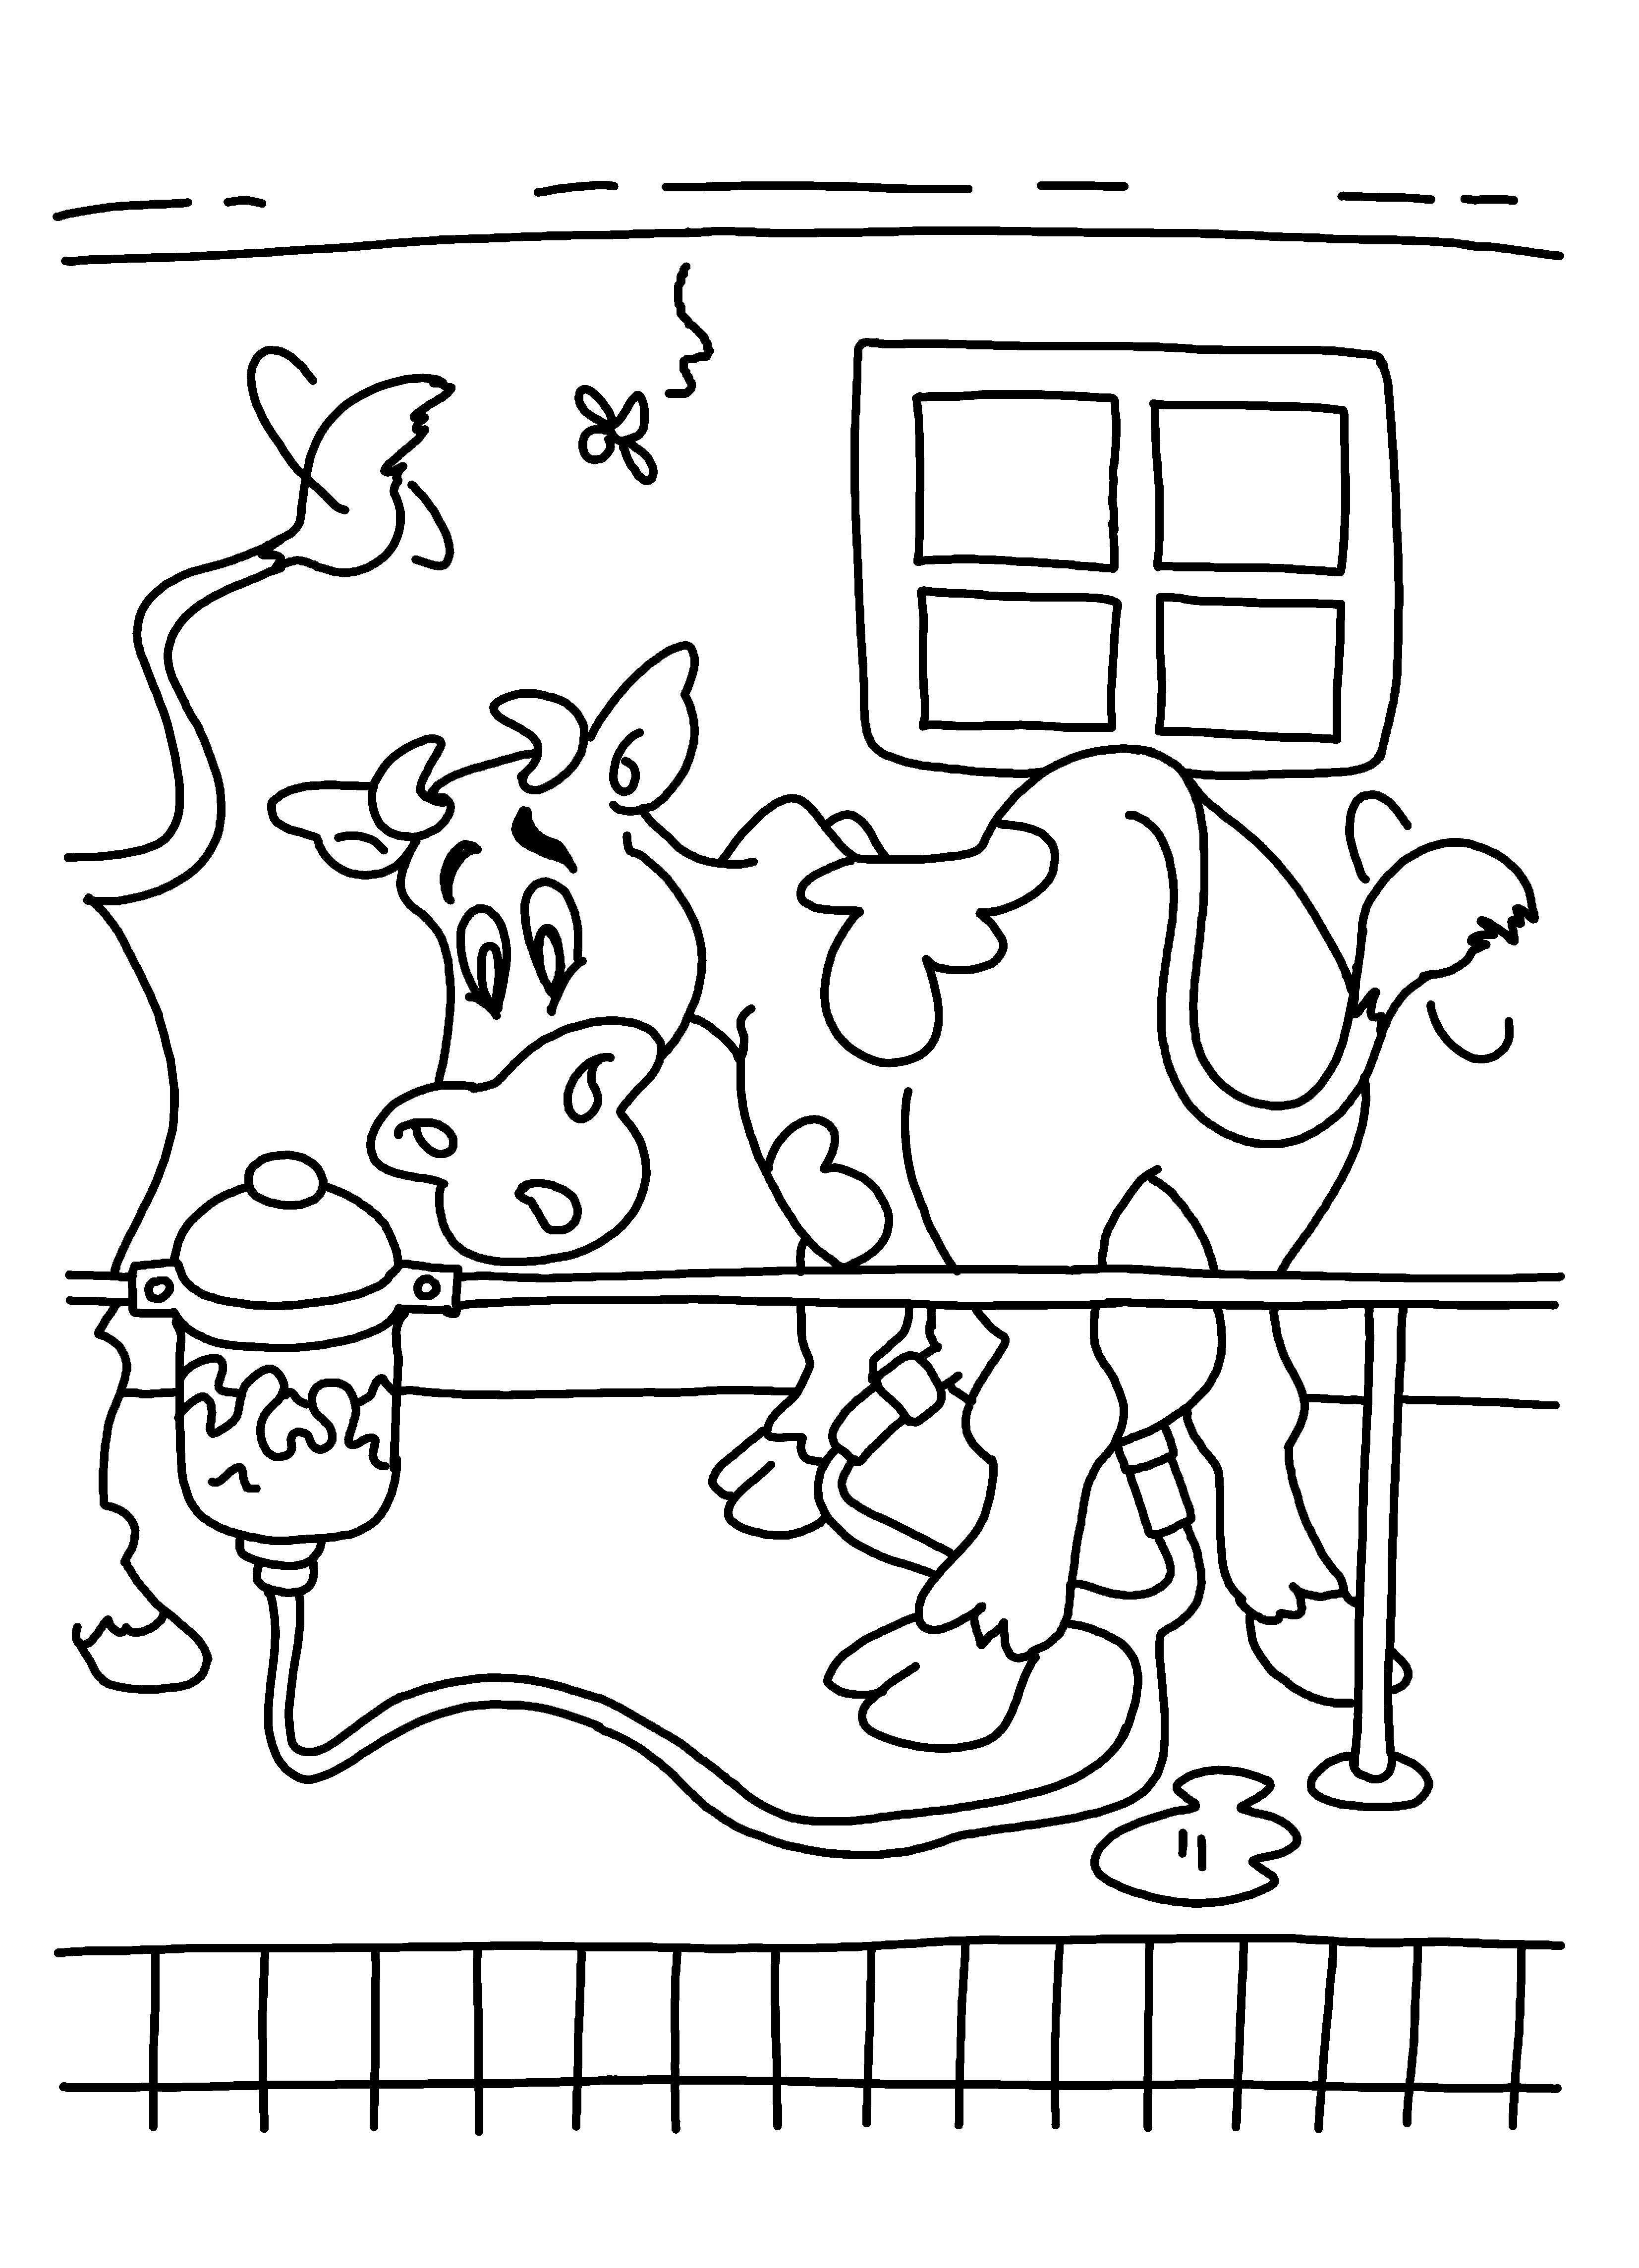 Kleurplaat Kleurplaten Boerderijdieren En Koeien